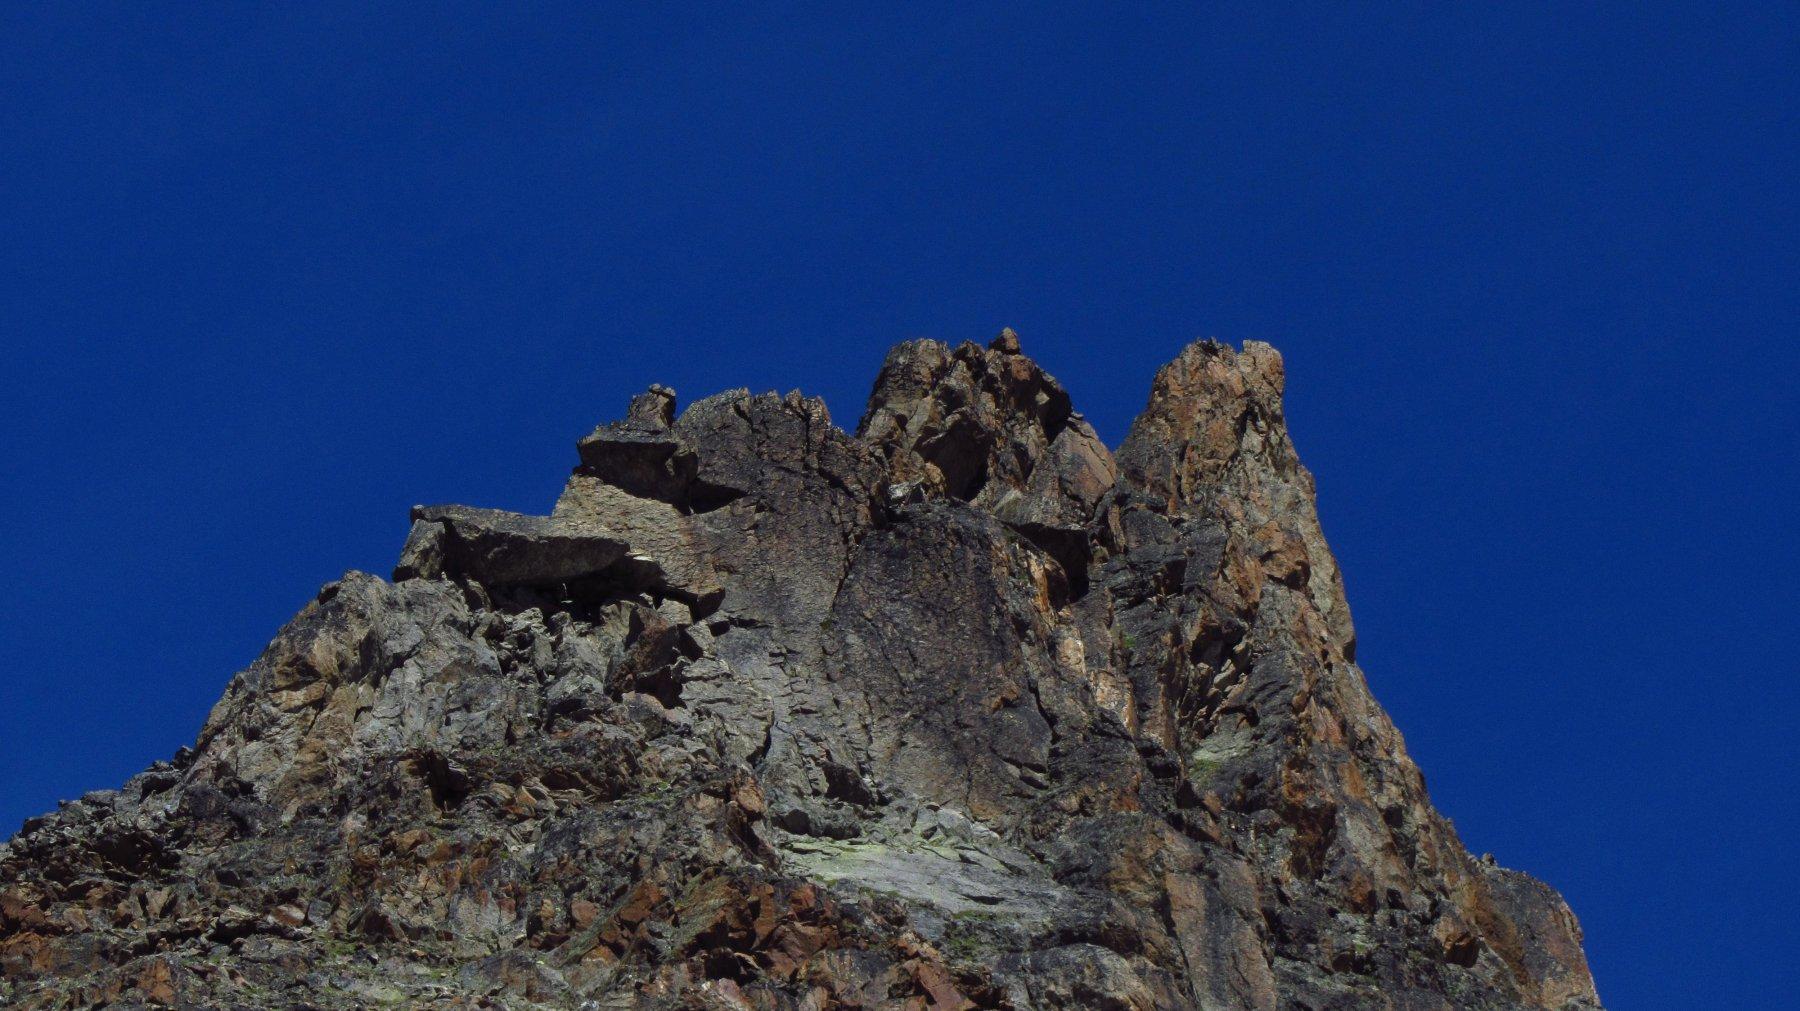 Uno dei primi ostici torrioni incontrati all'inizio della cresta